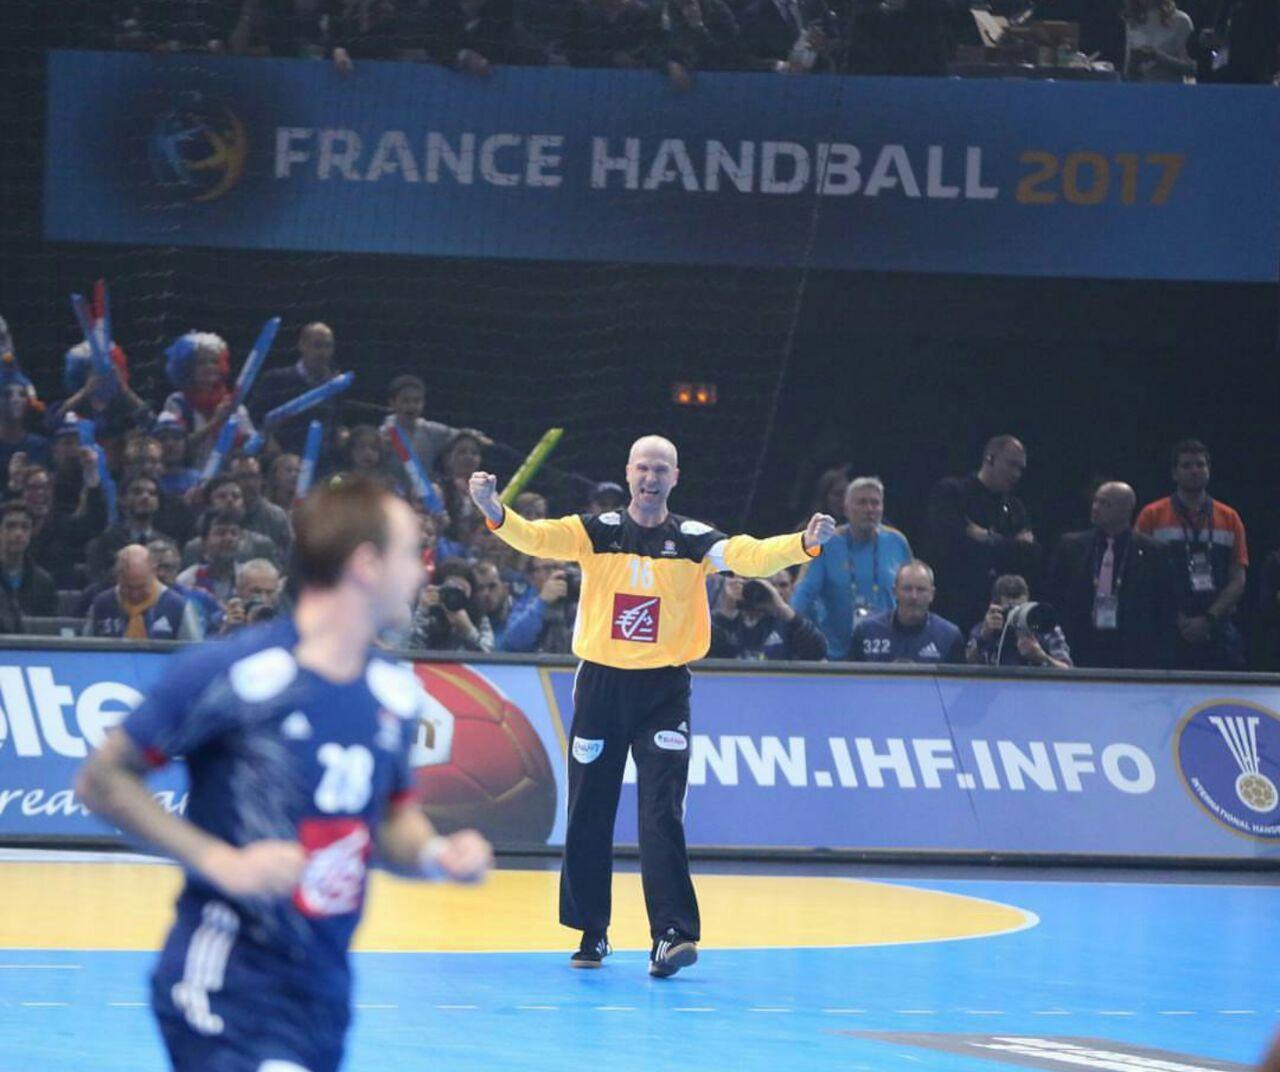 لقطات من مباراة الافتتاح بين فرنسا والبرازيل (3)